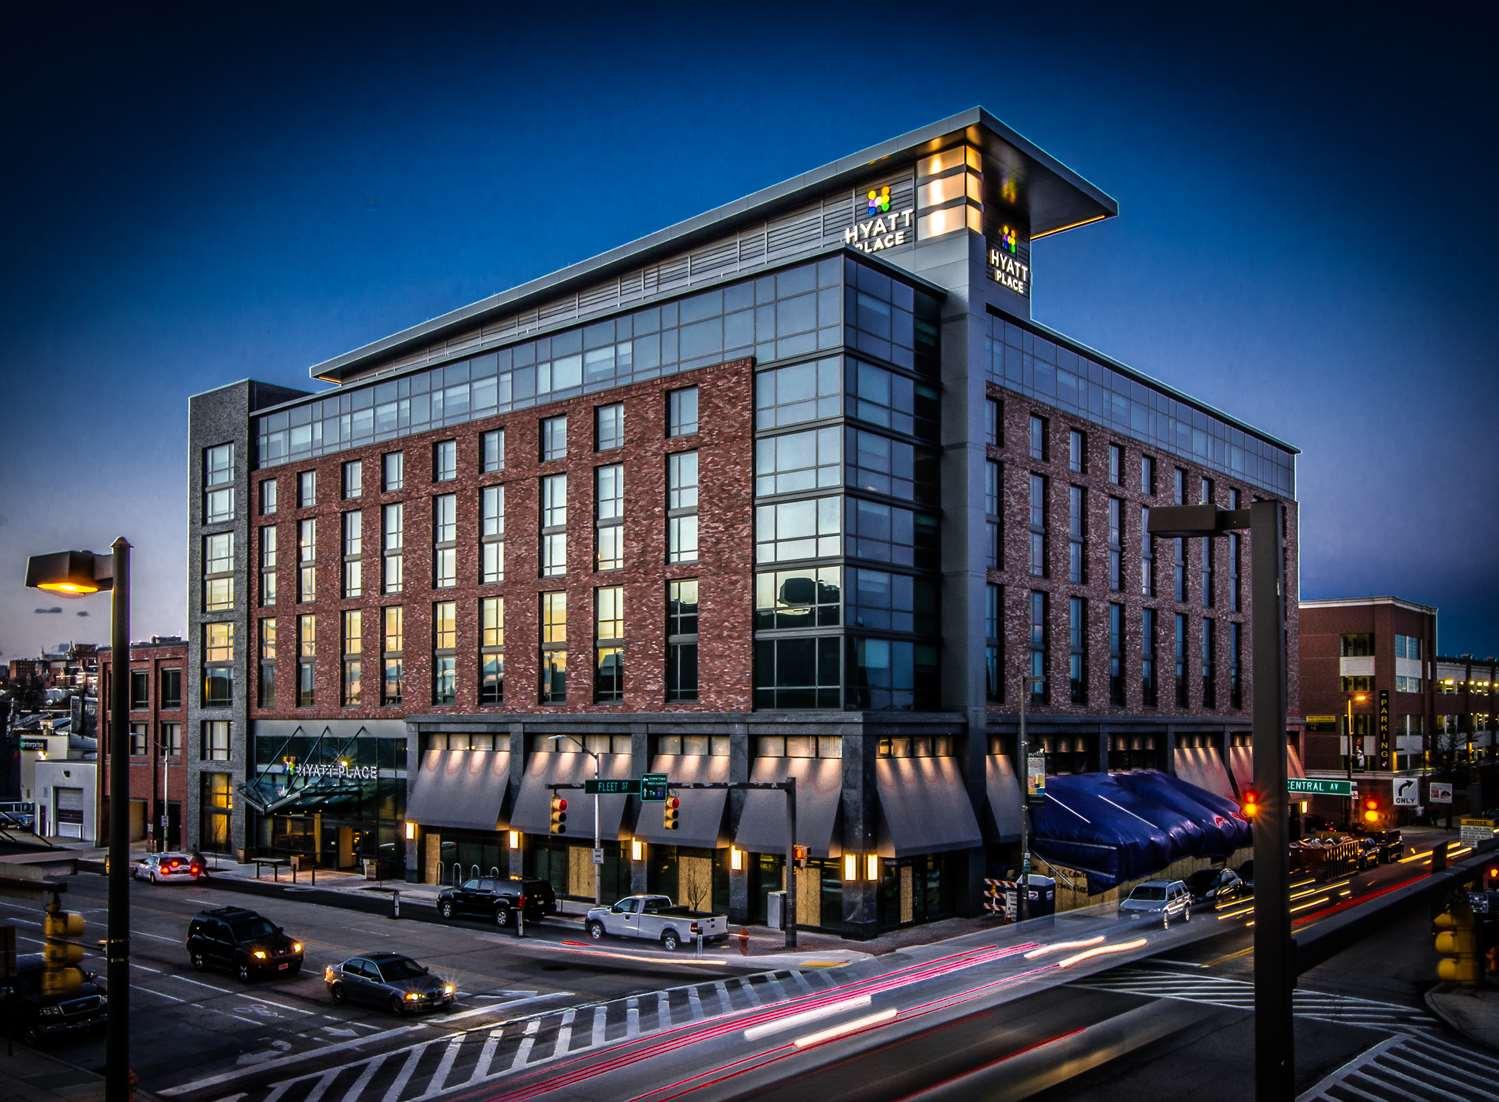 Exterior view - Hyatt Place Hotel Inner Harbor Baltimore